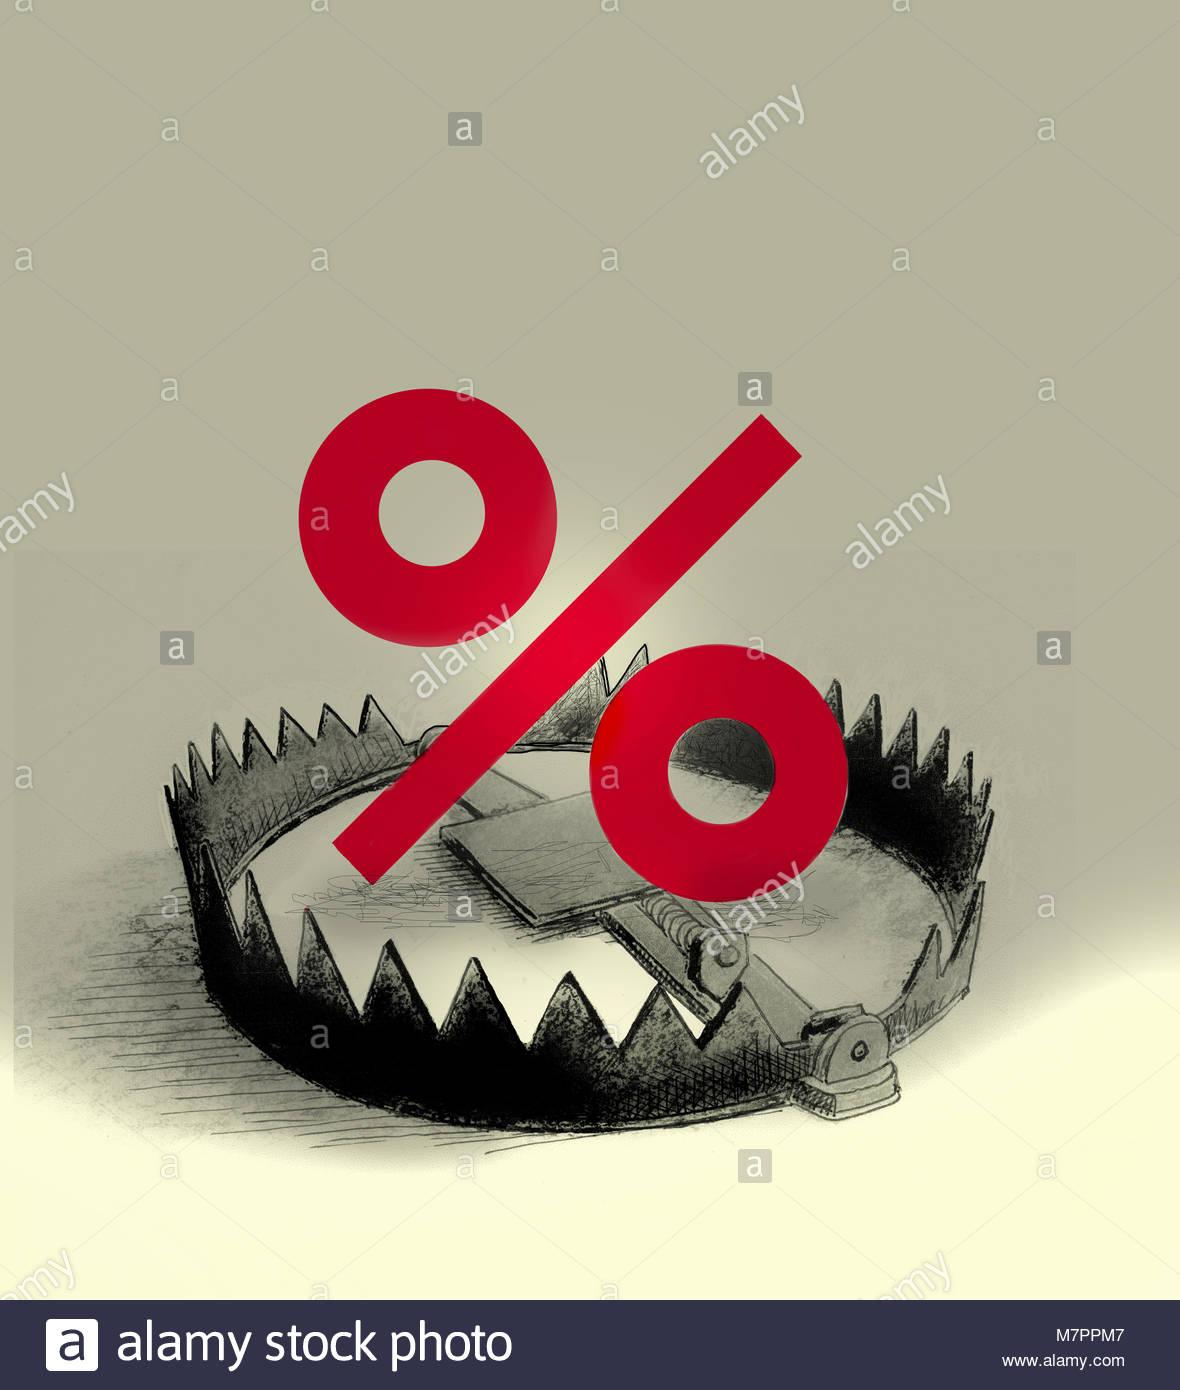 Segno di percentuale all'interno della trappola orso Immagini Stock